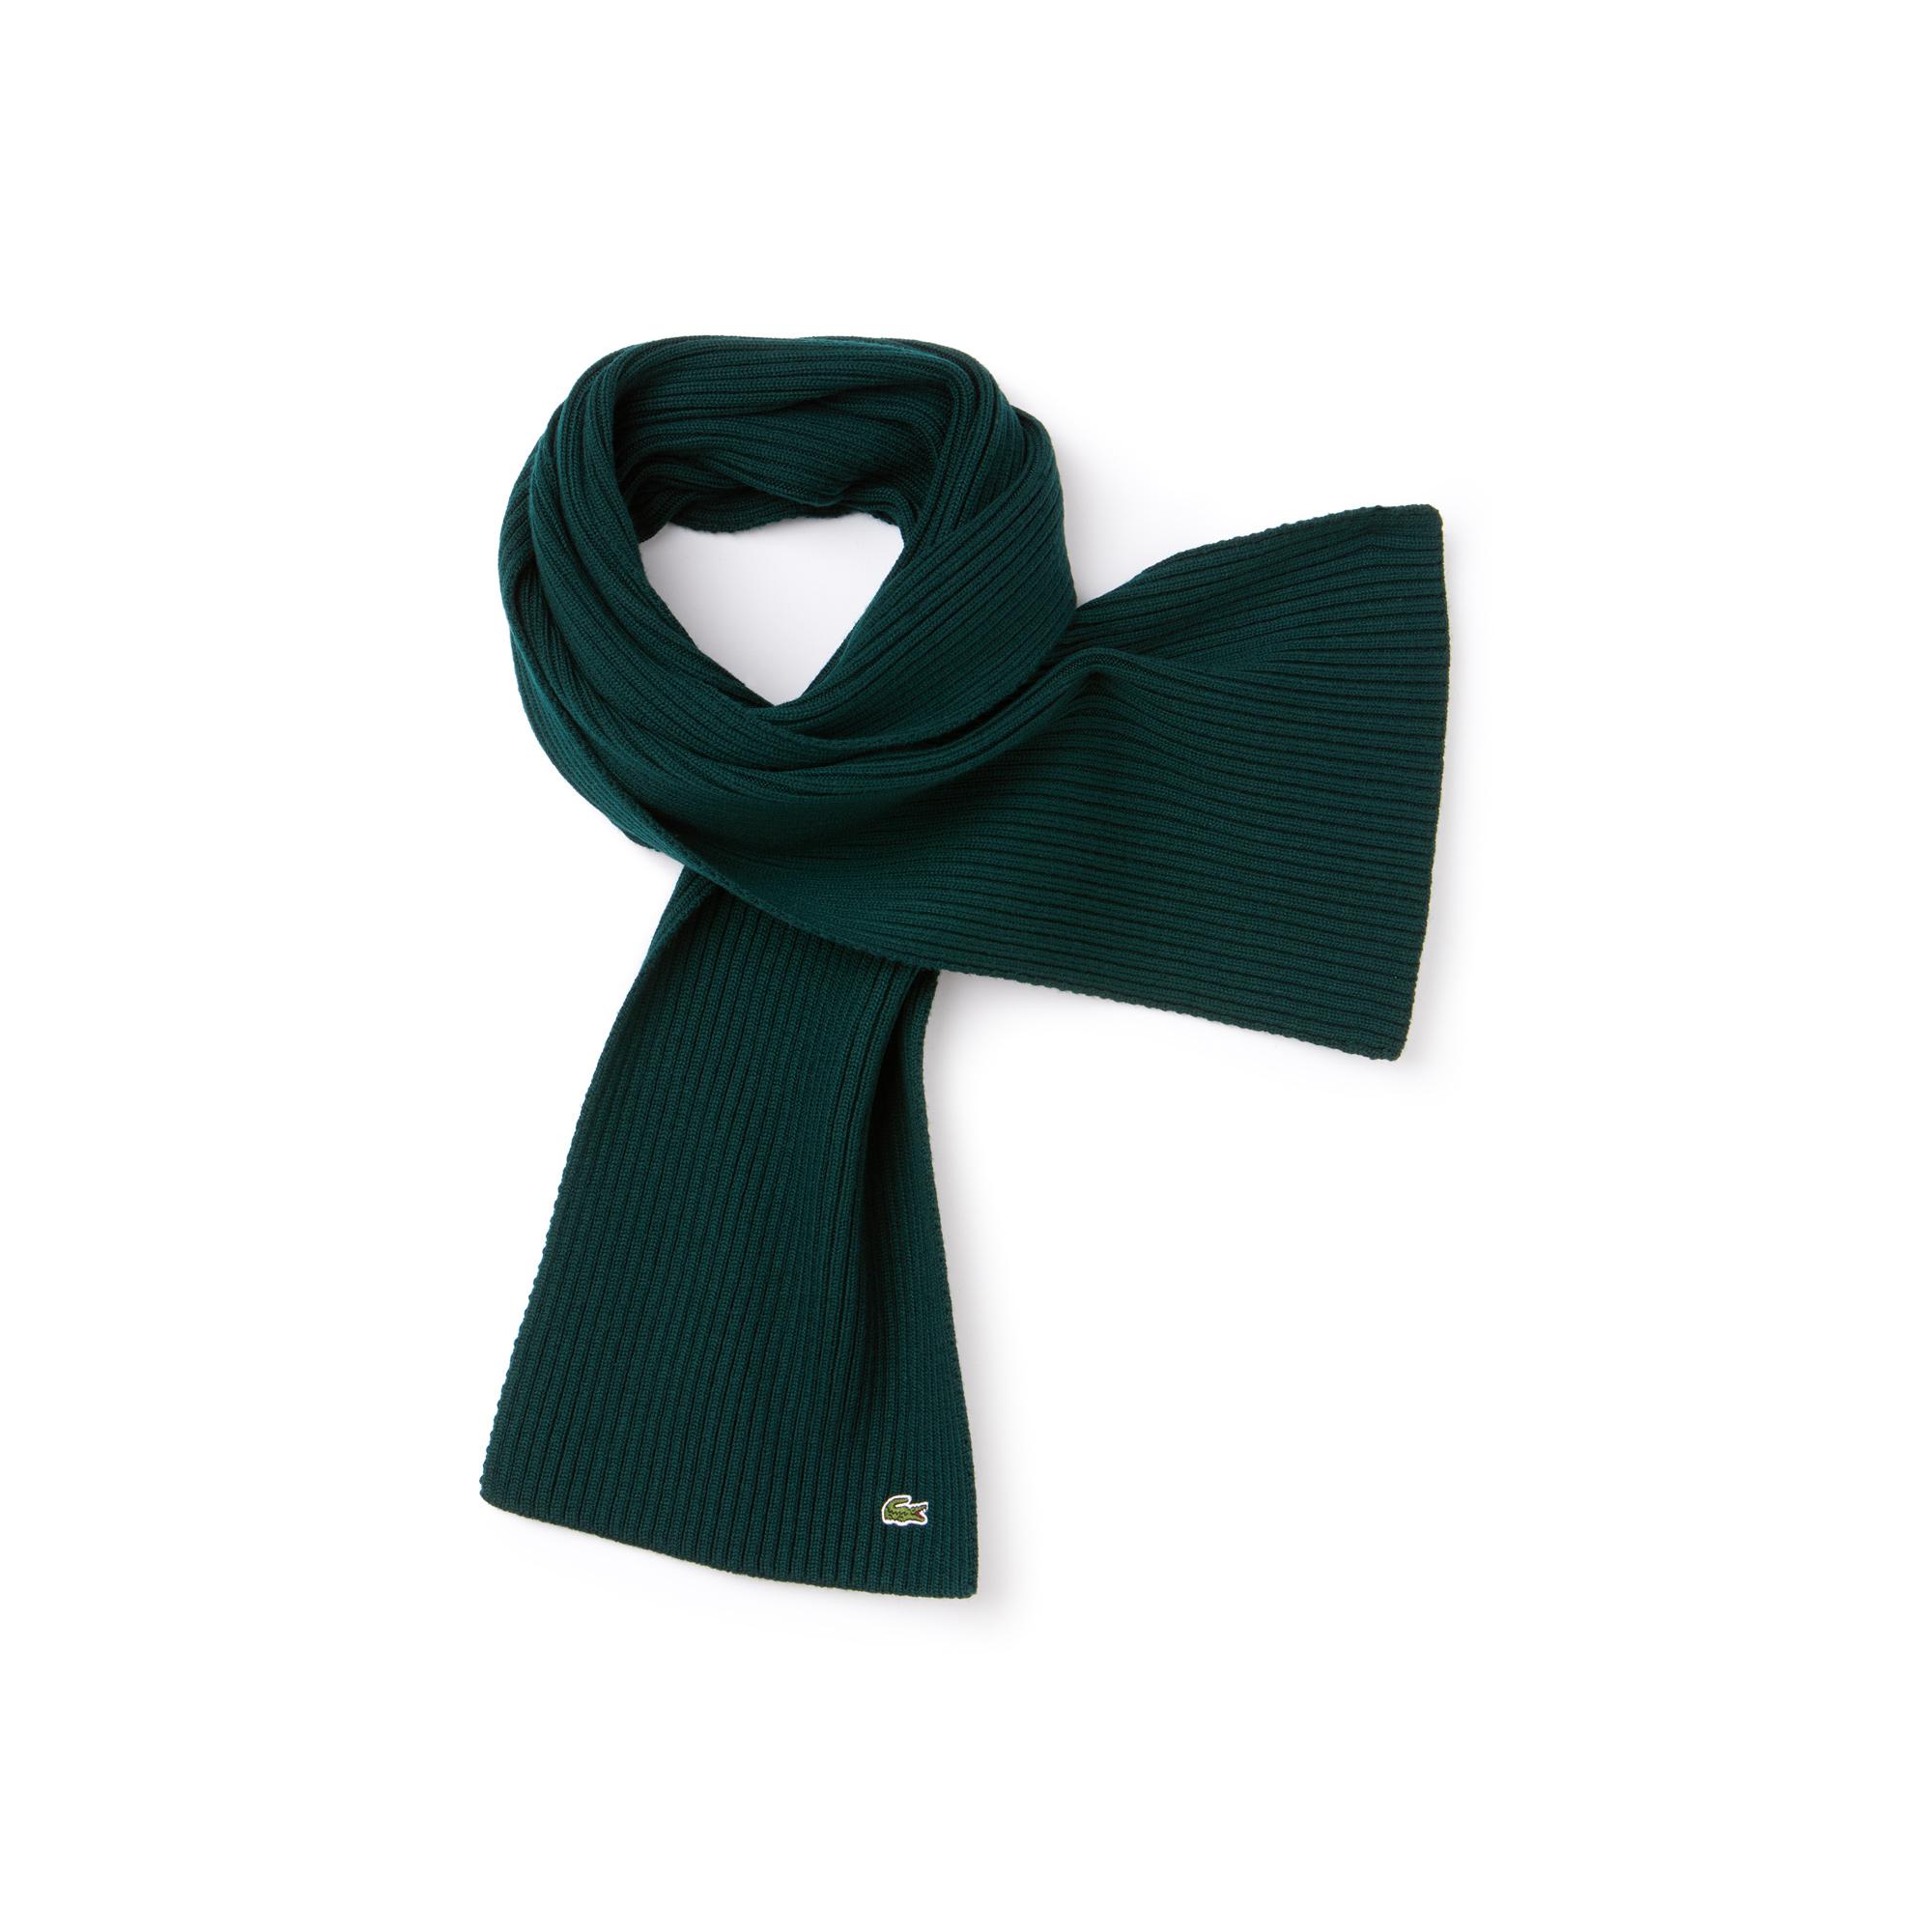 Шарф LacosteШапки, шарфы и перчатки<br>100% шерсть